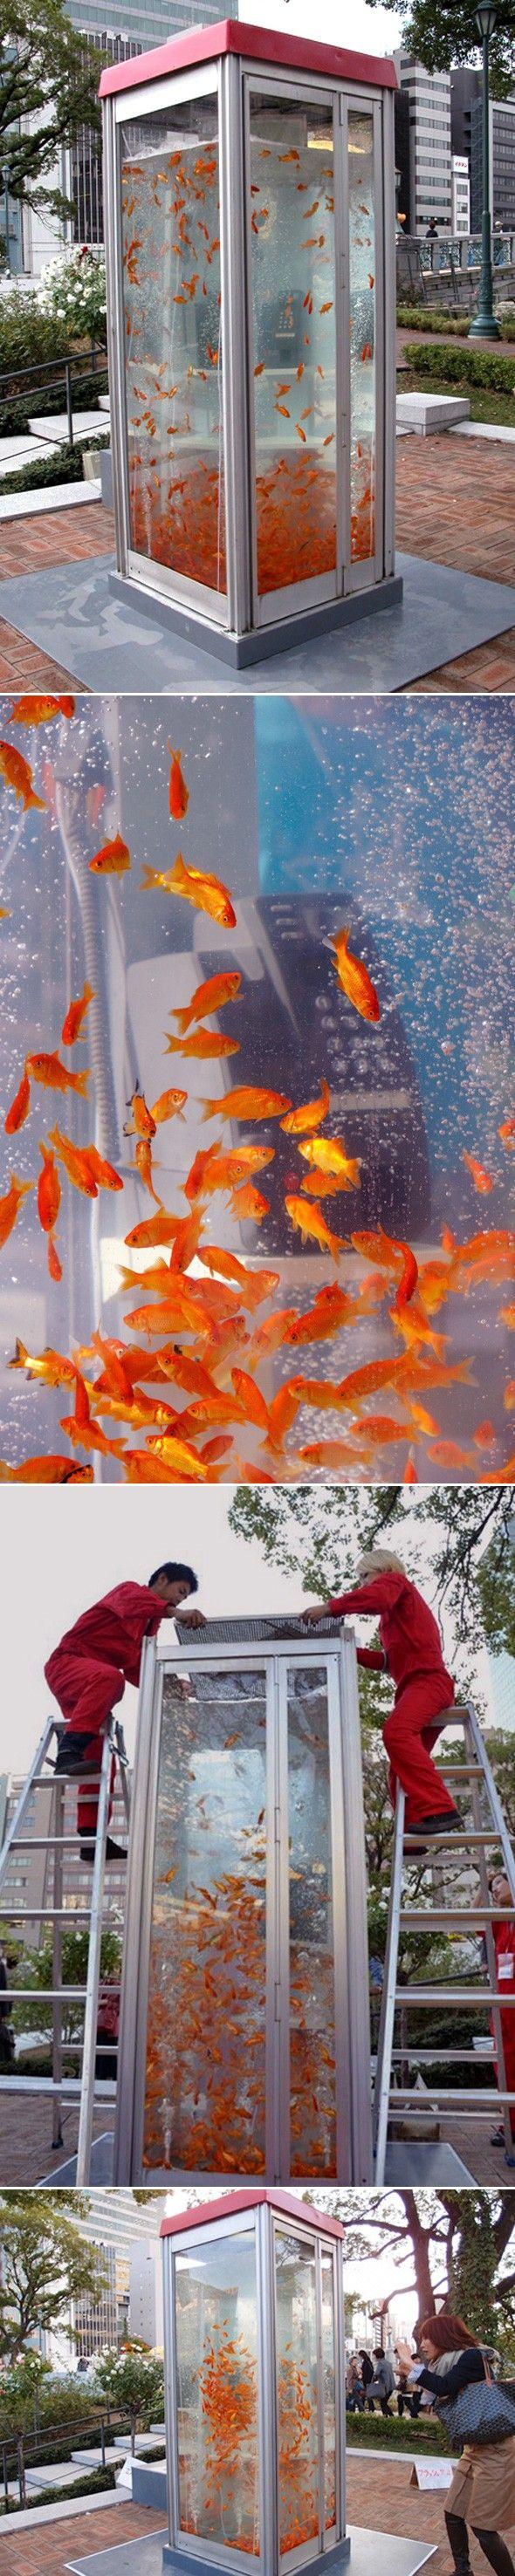 Cabine téléphonique transformée en aquarium